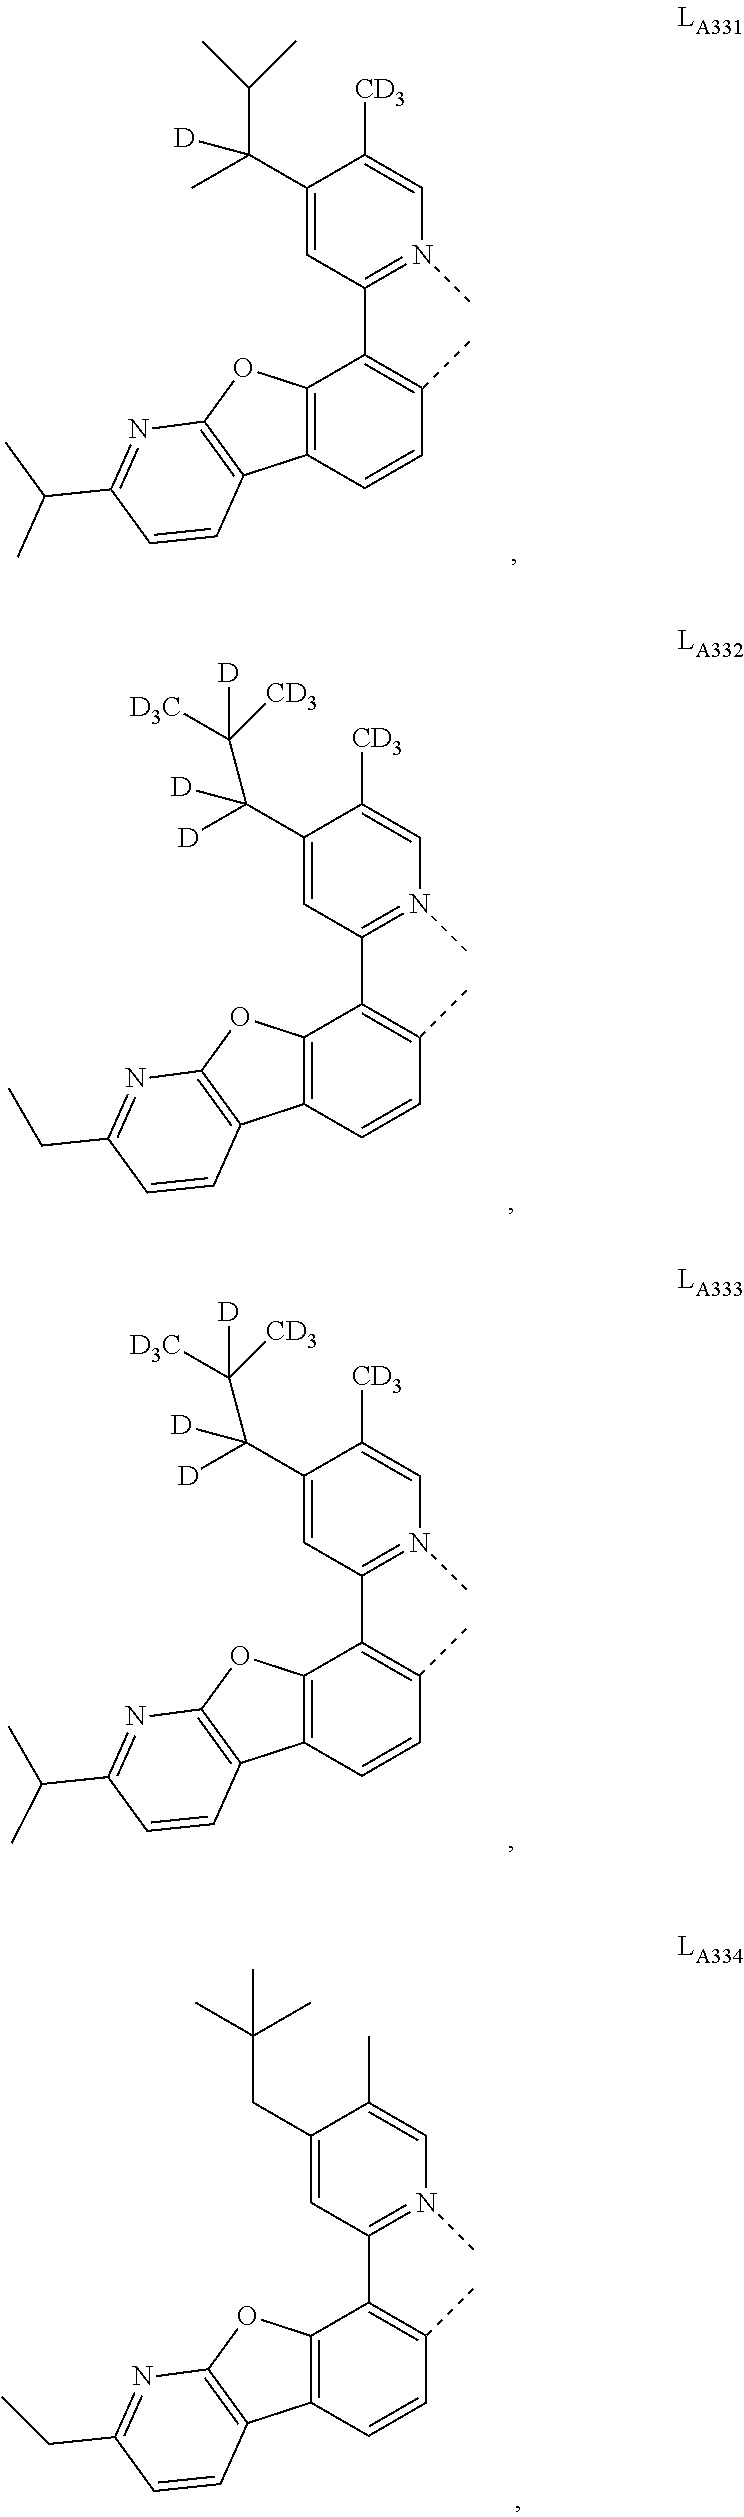 Figure US20160049599A1-20160218-C00471